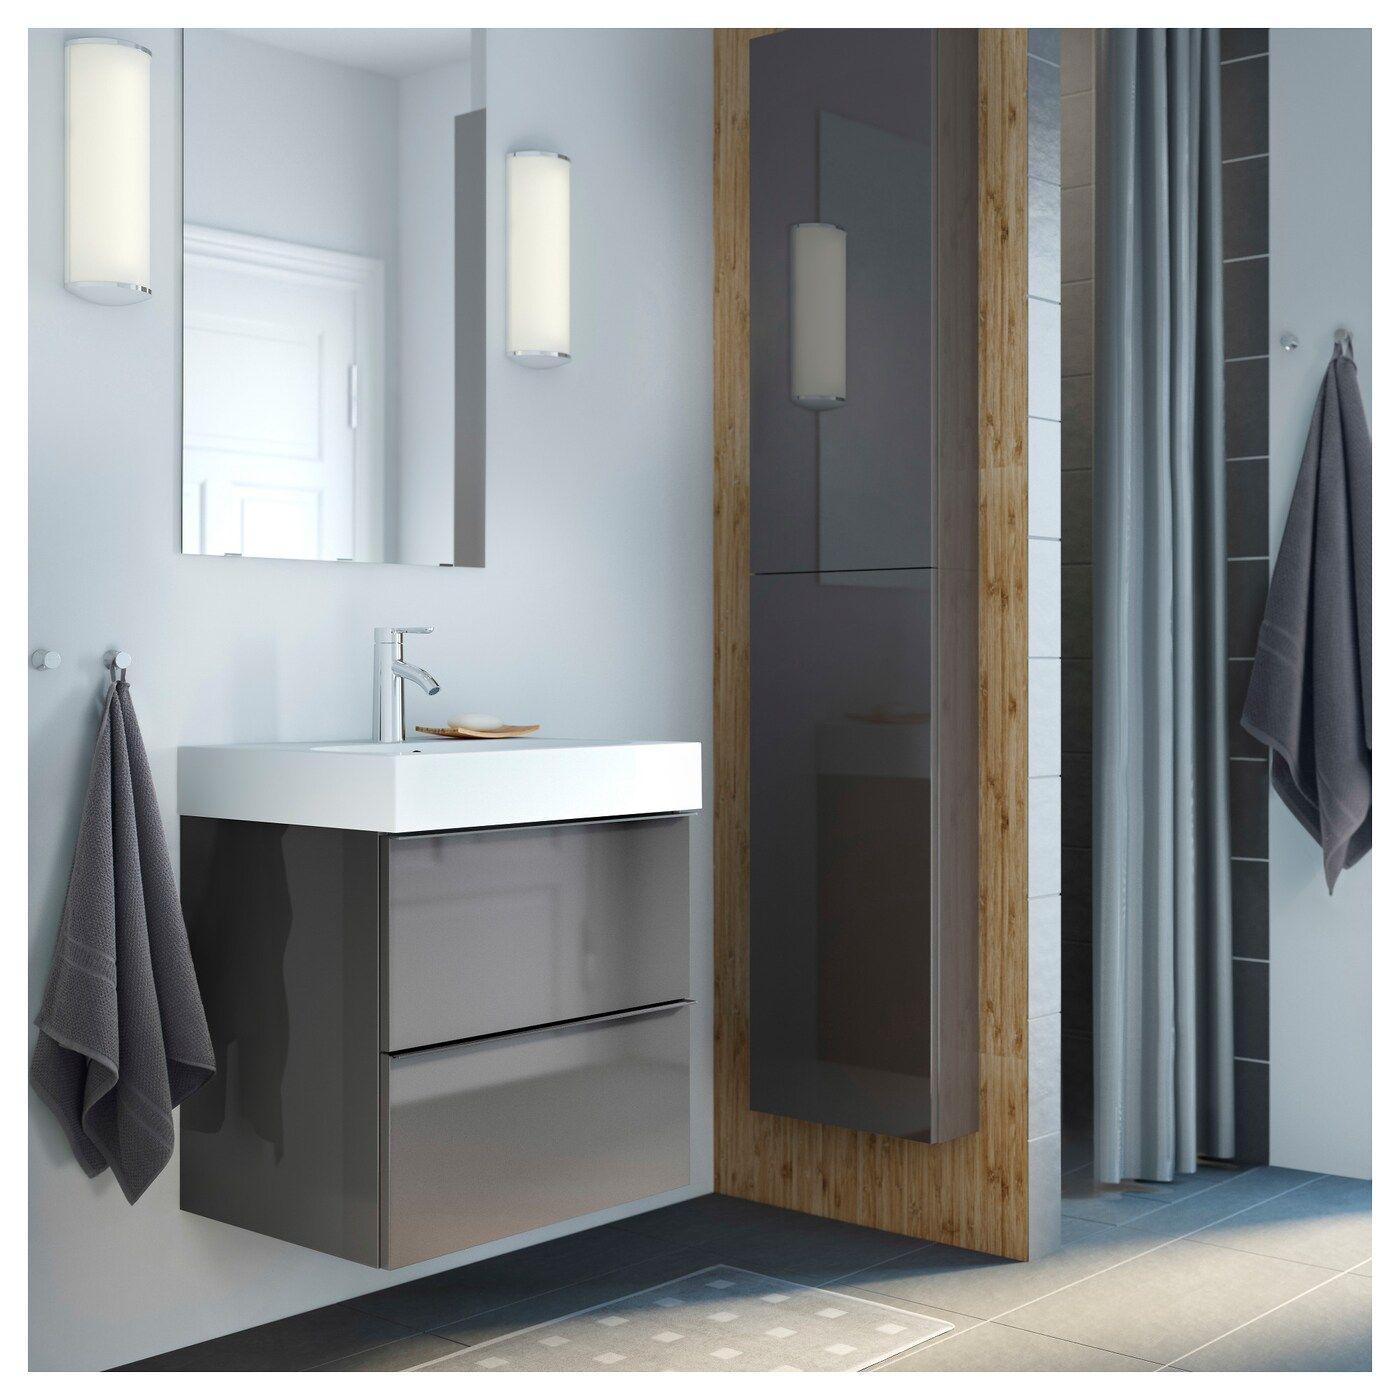 Godmorgon Spiegel Badezimmer Wandschrank Wandschrank Und Badezimmerwand Ideen